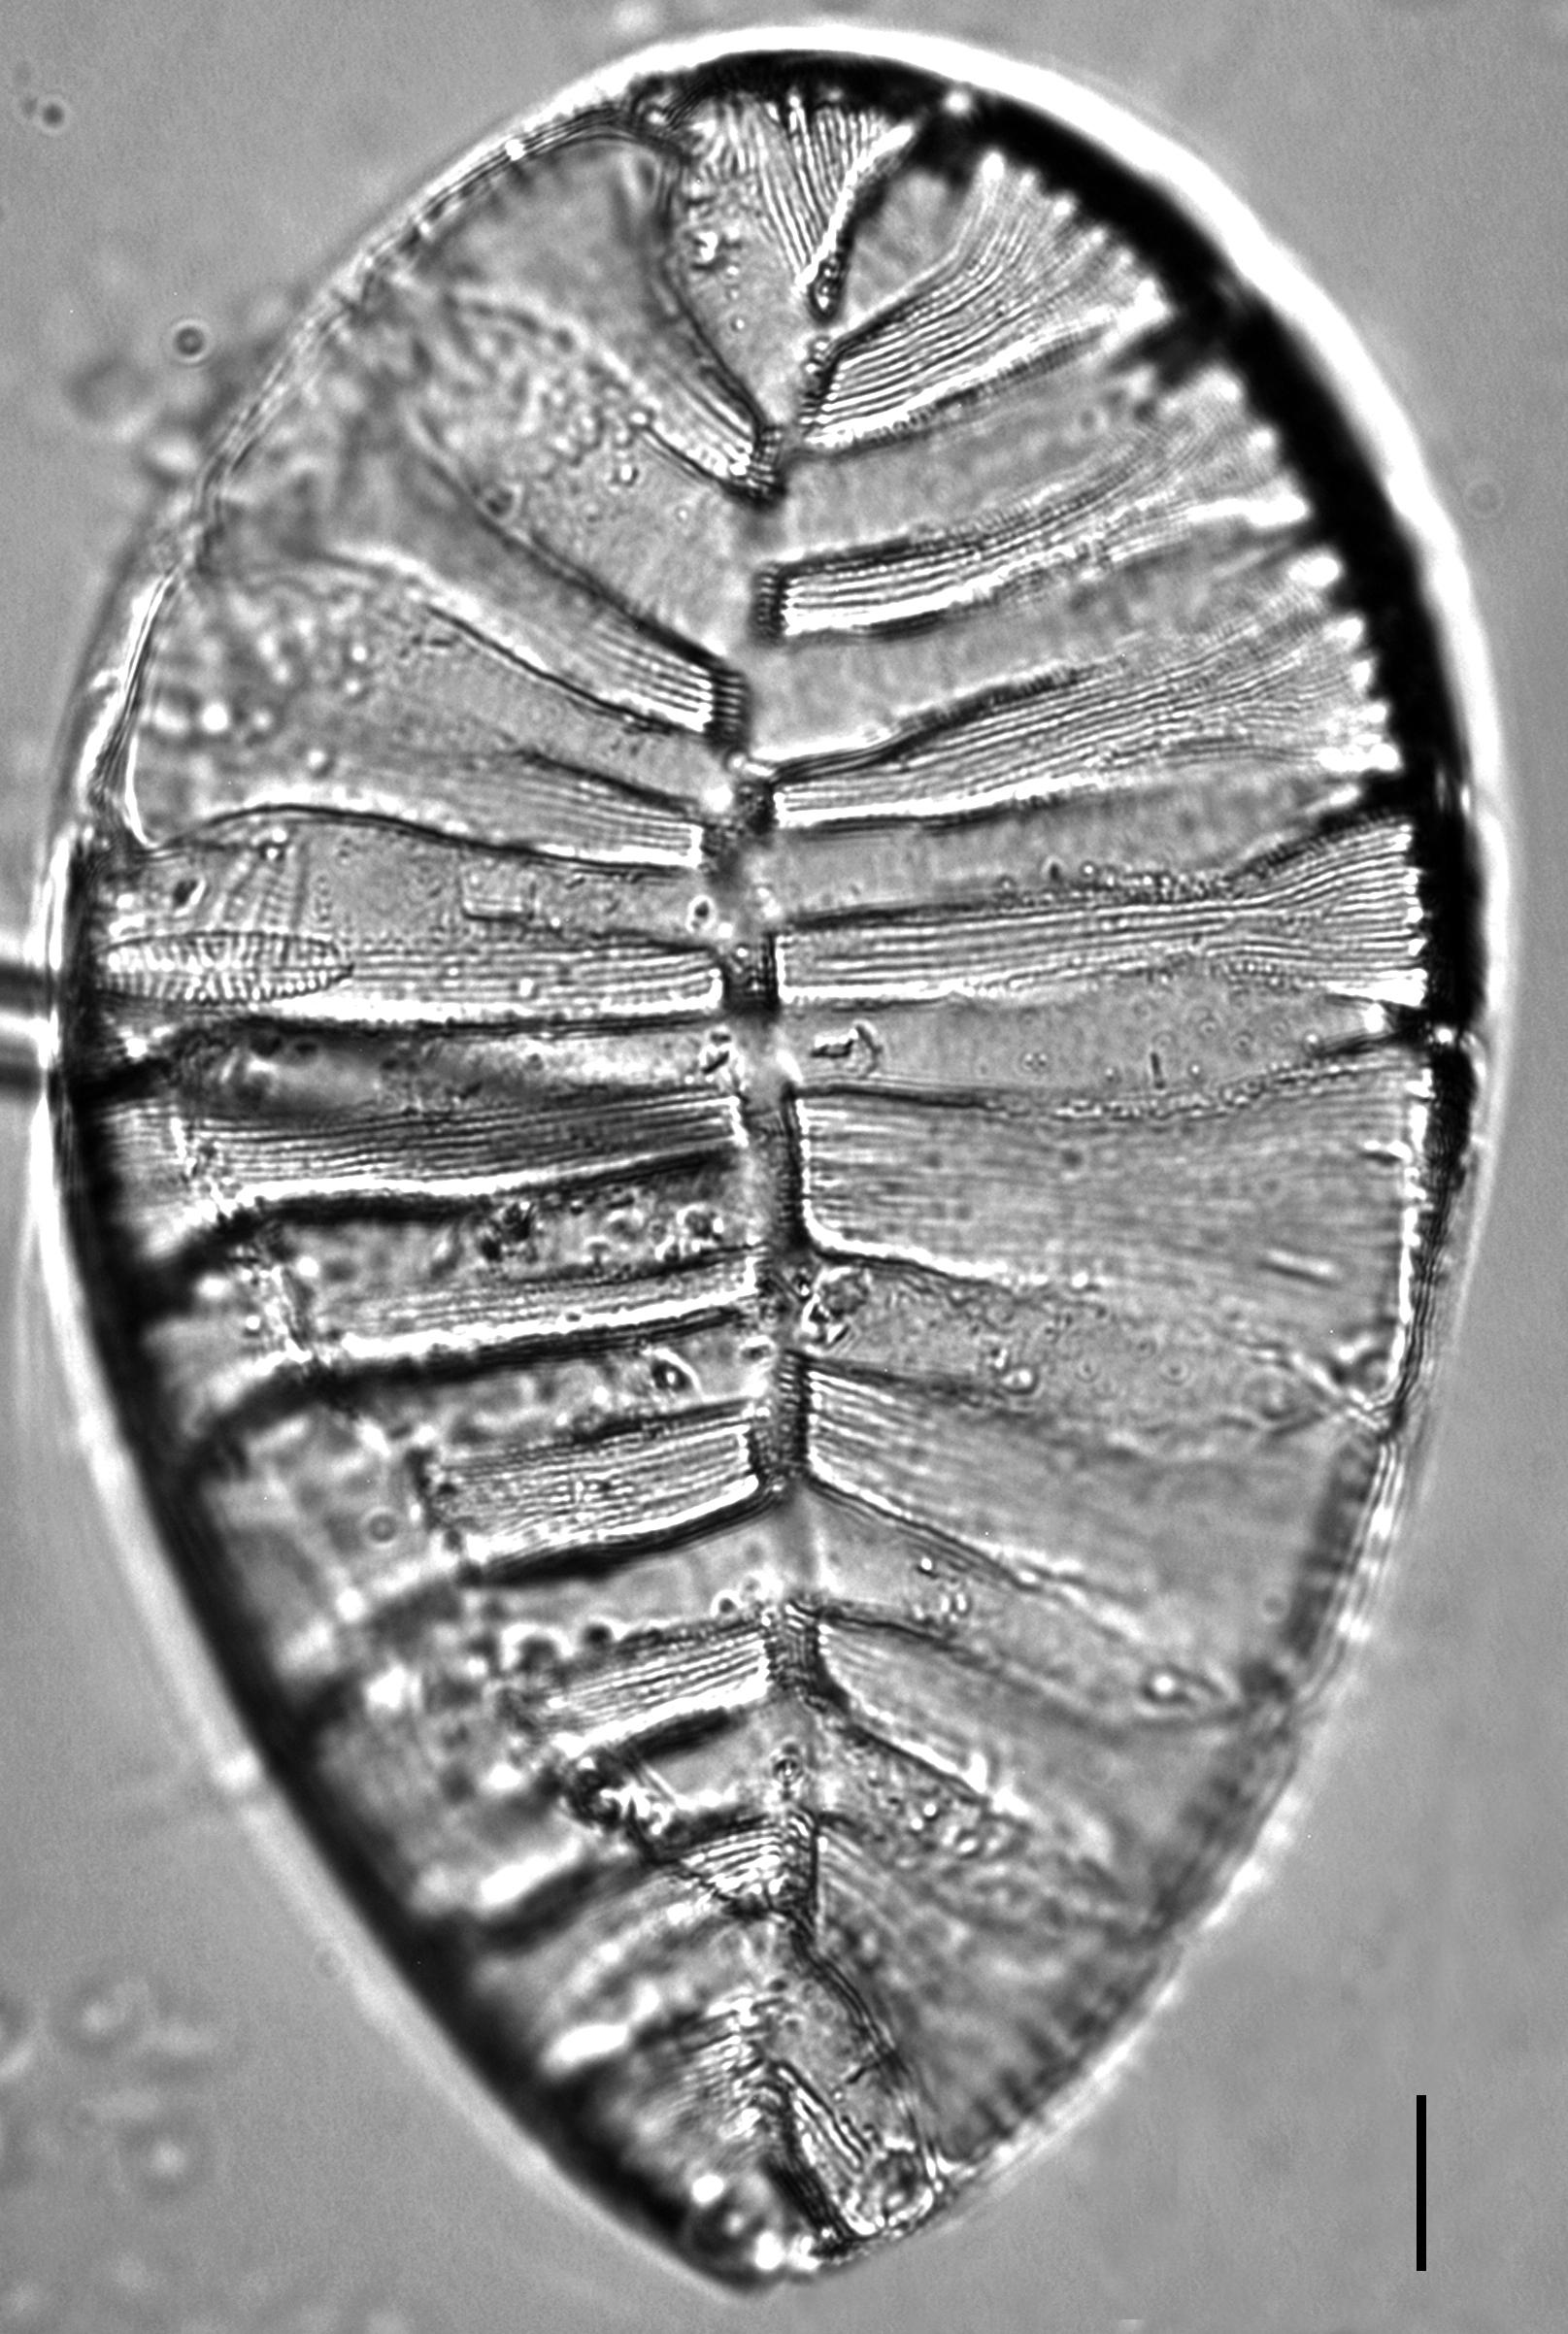 Surirella striatula LM9